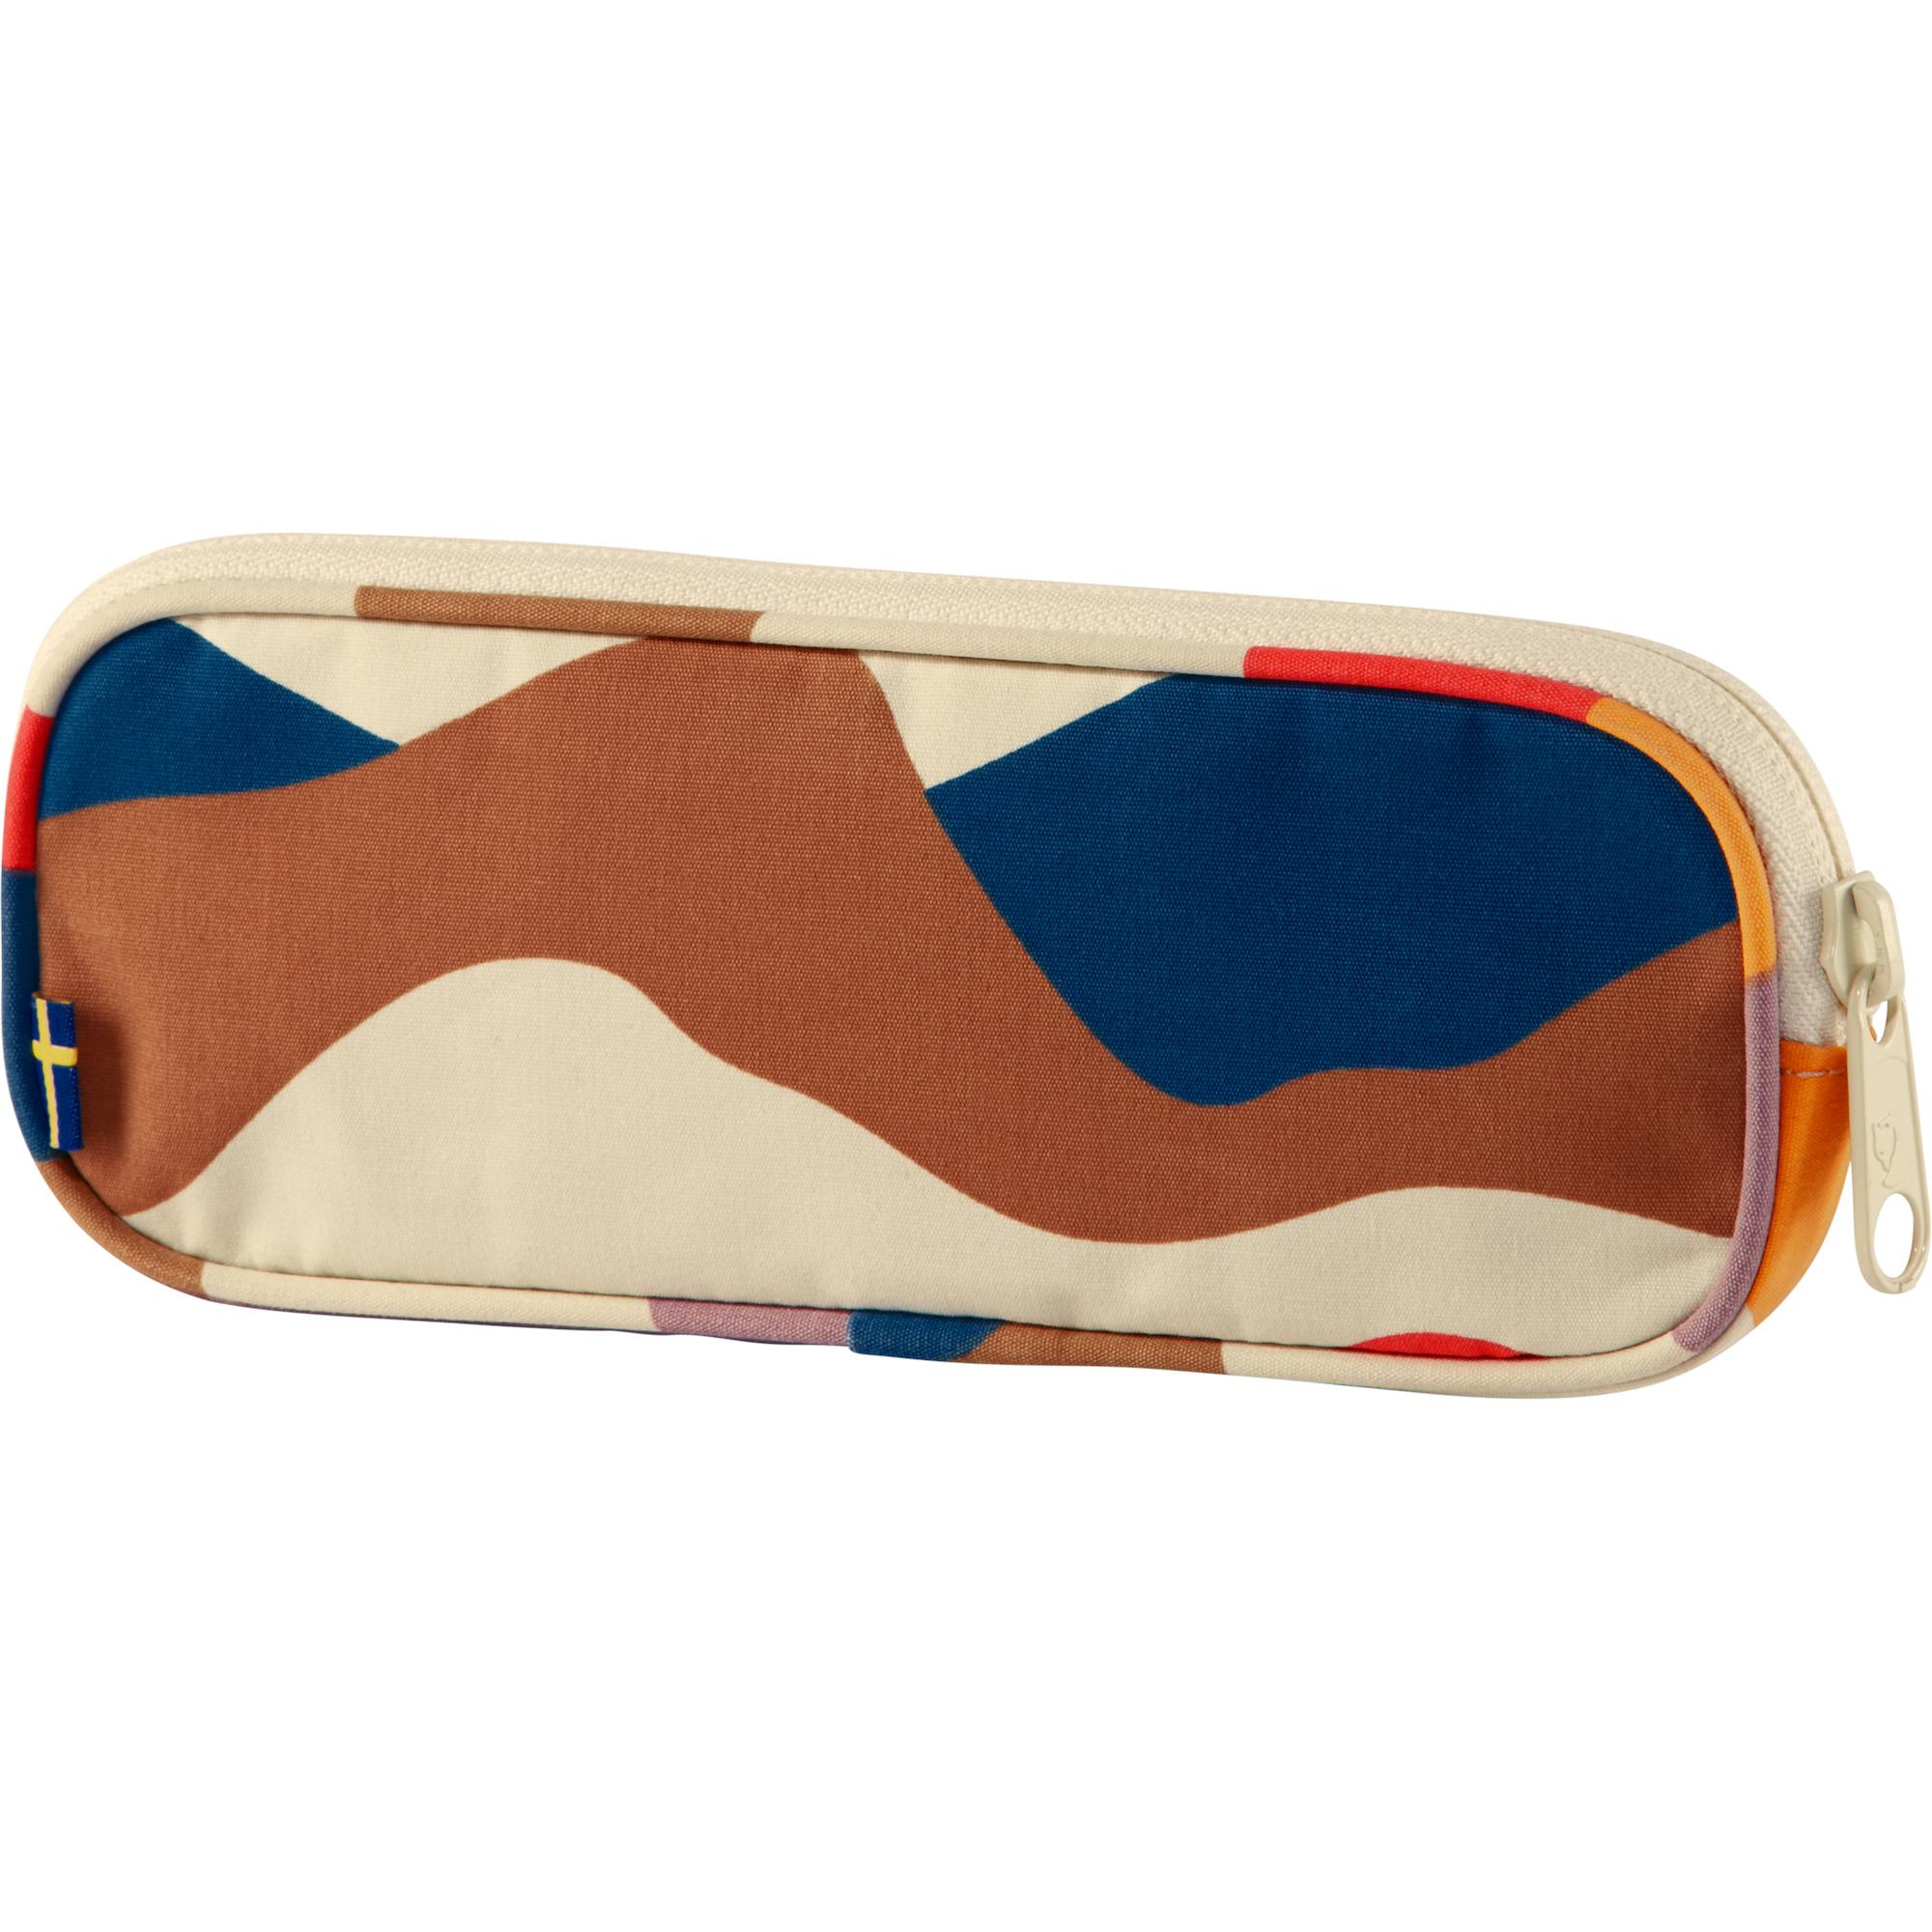 Tanks Navy Blue Glasses Case Women Men Eyeglasses Bag Pencil Case Pouch